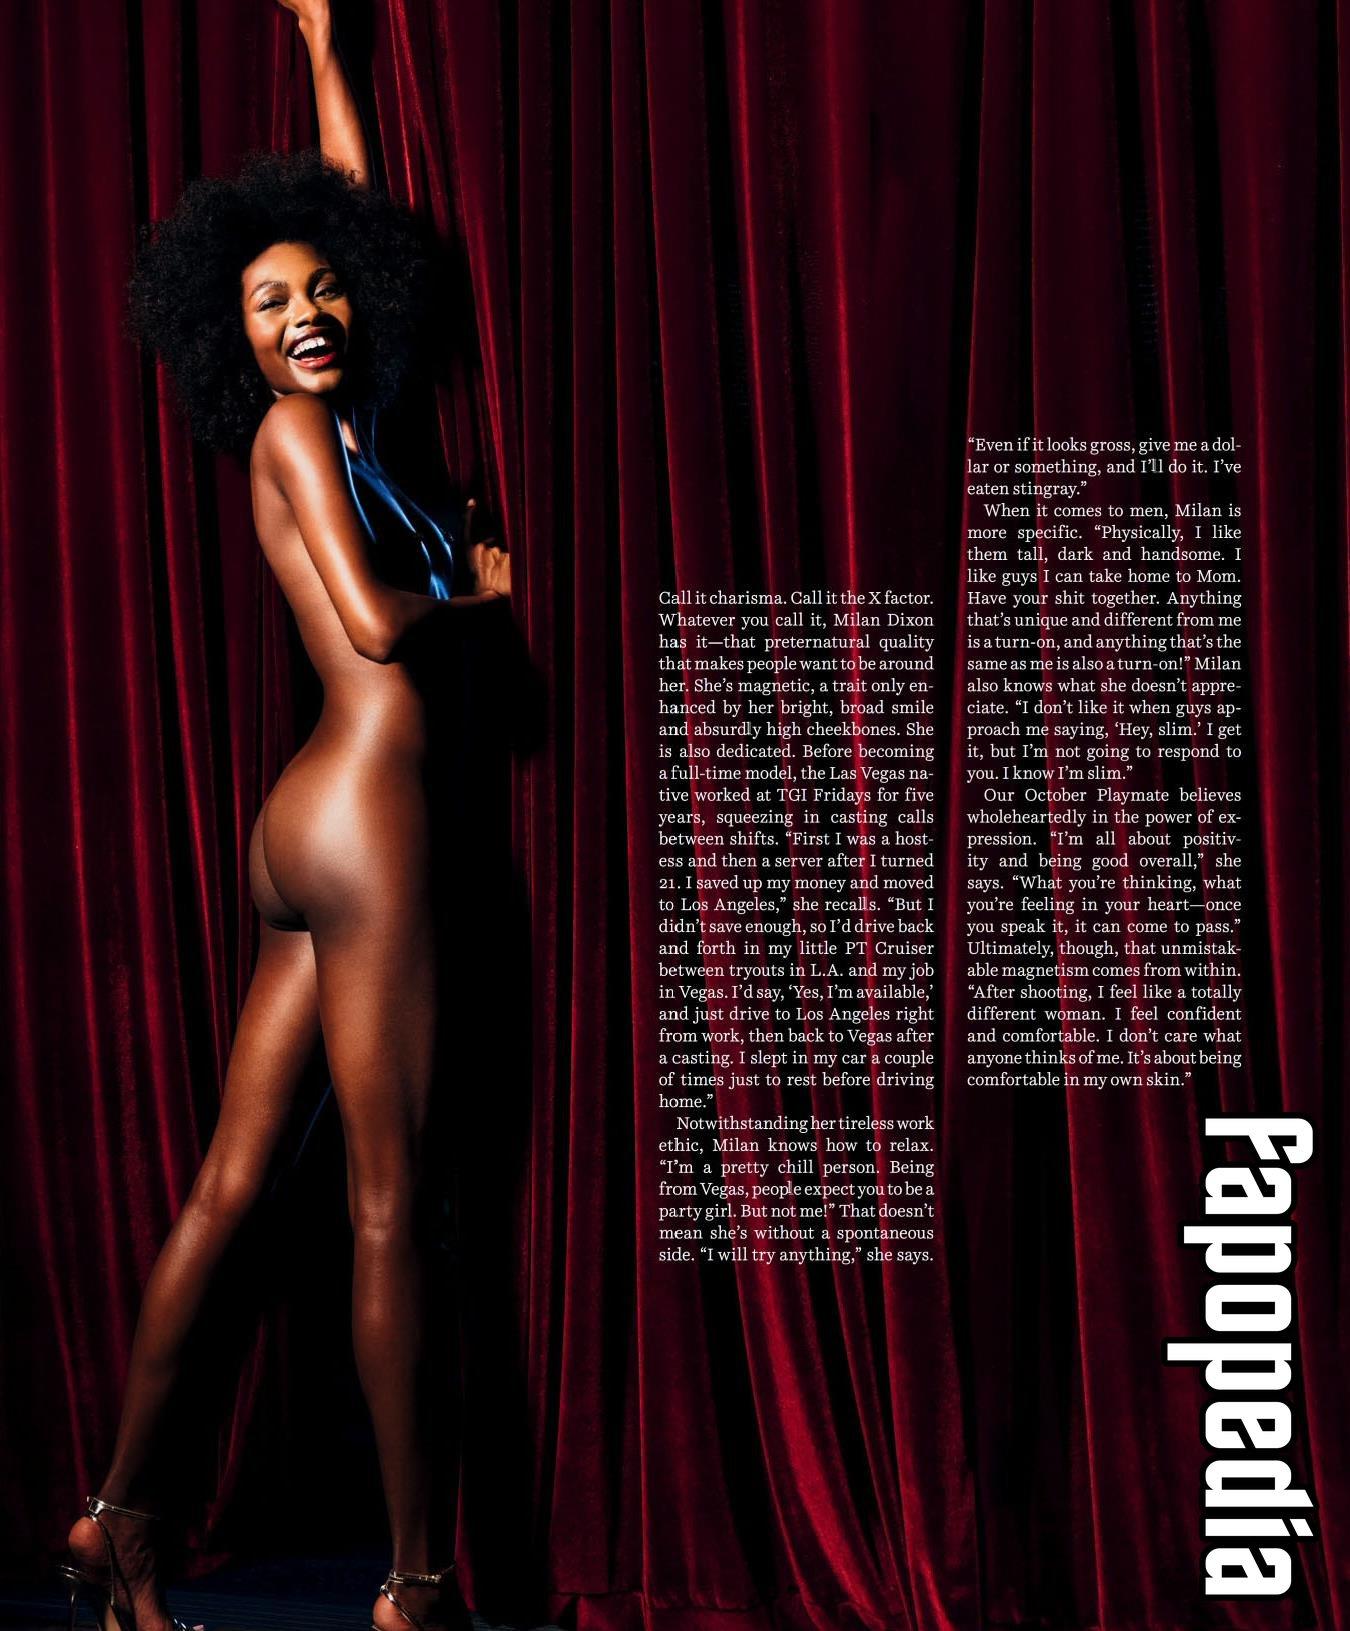 Milian Dixon Nude Leaks